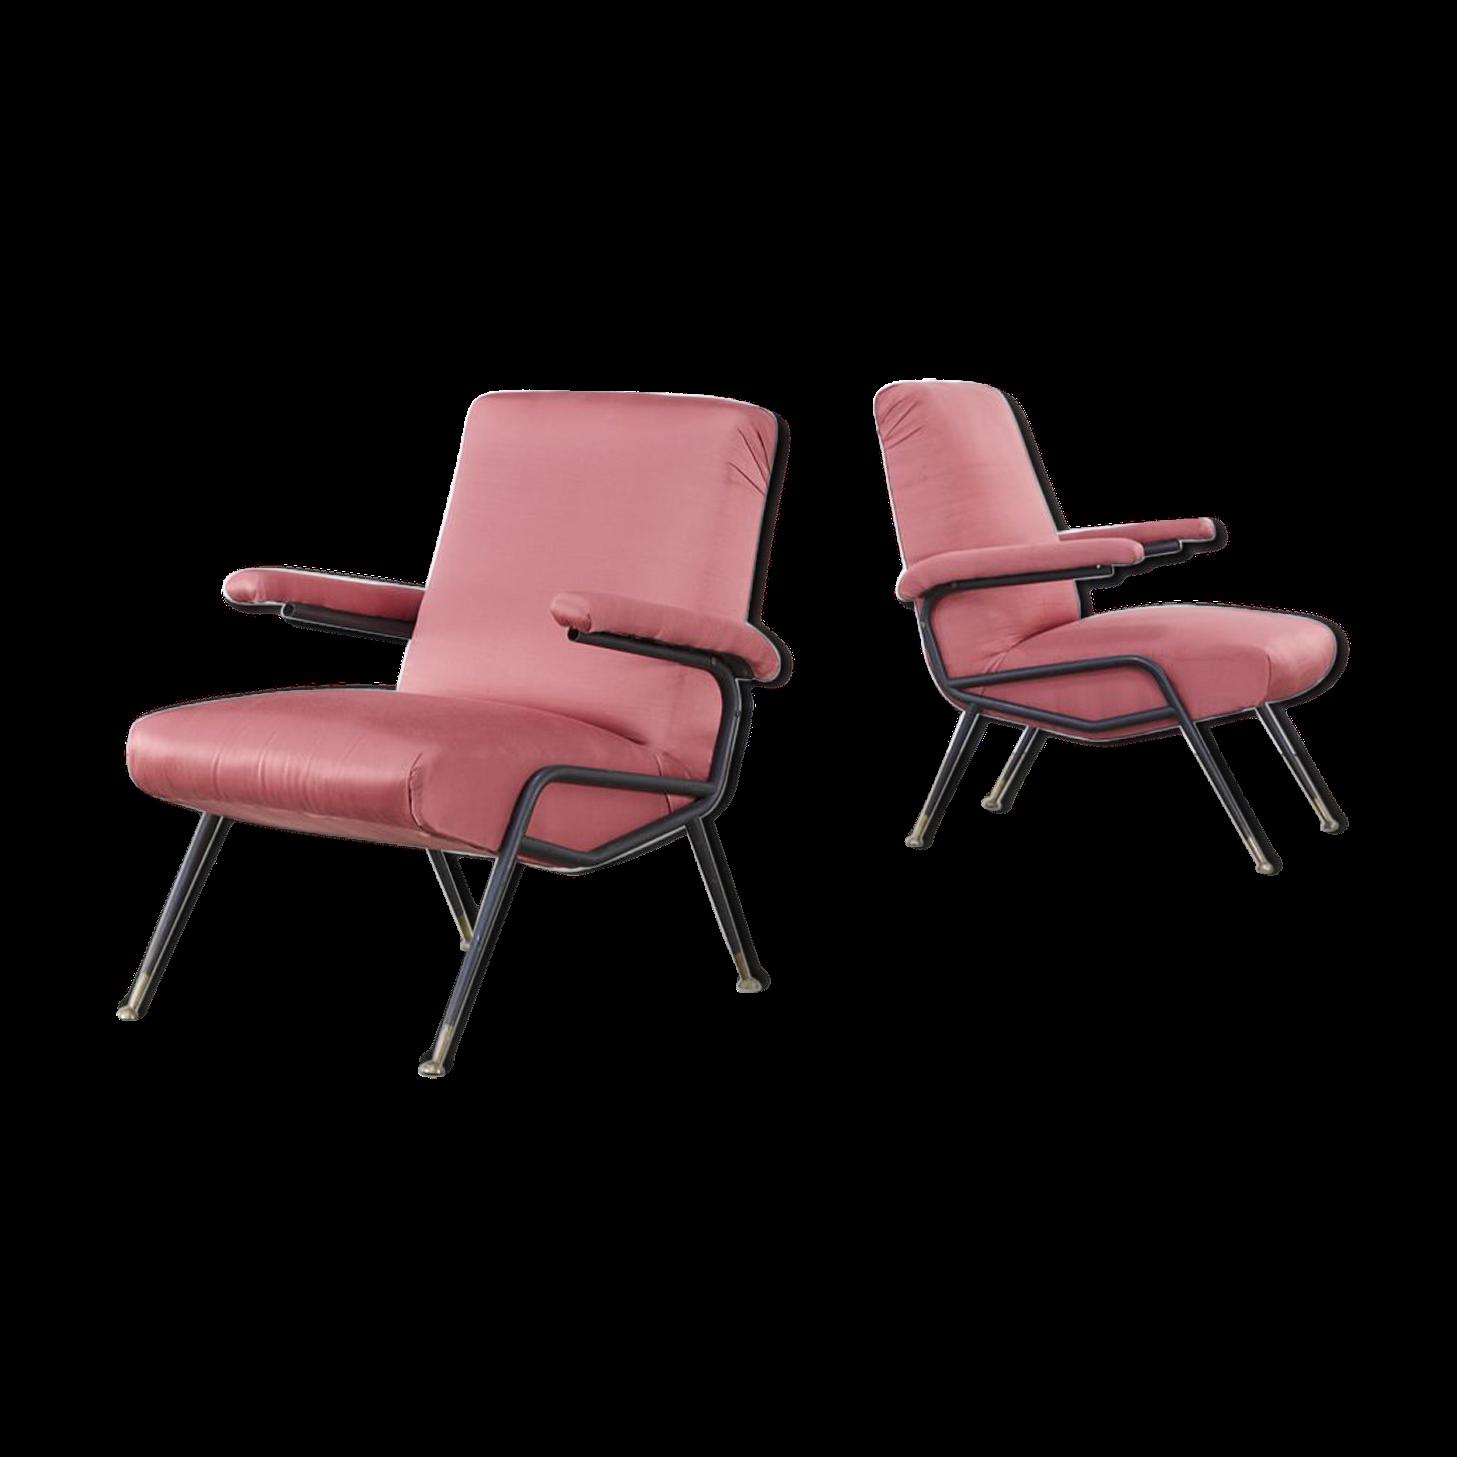 Paire de fauteuils design italien 50's